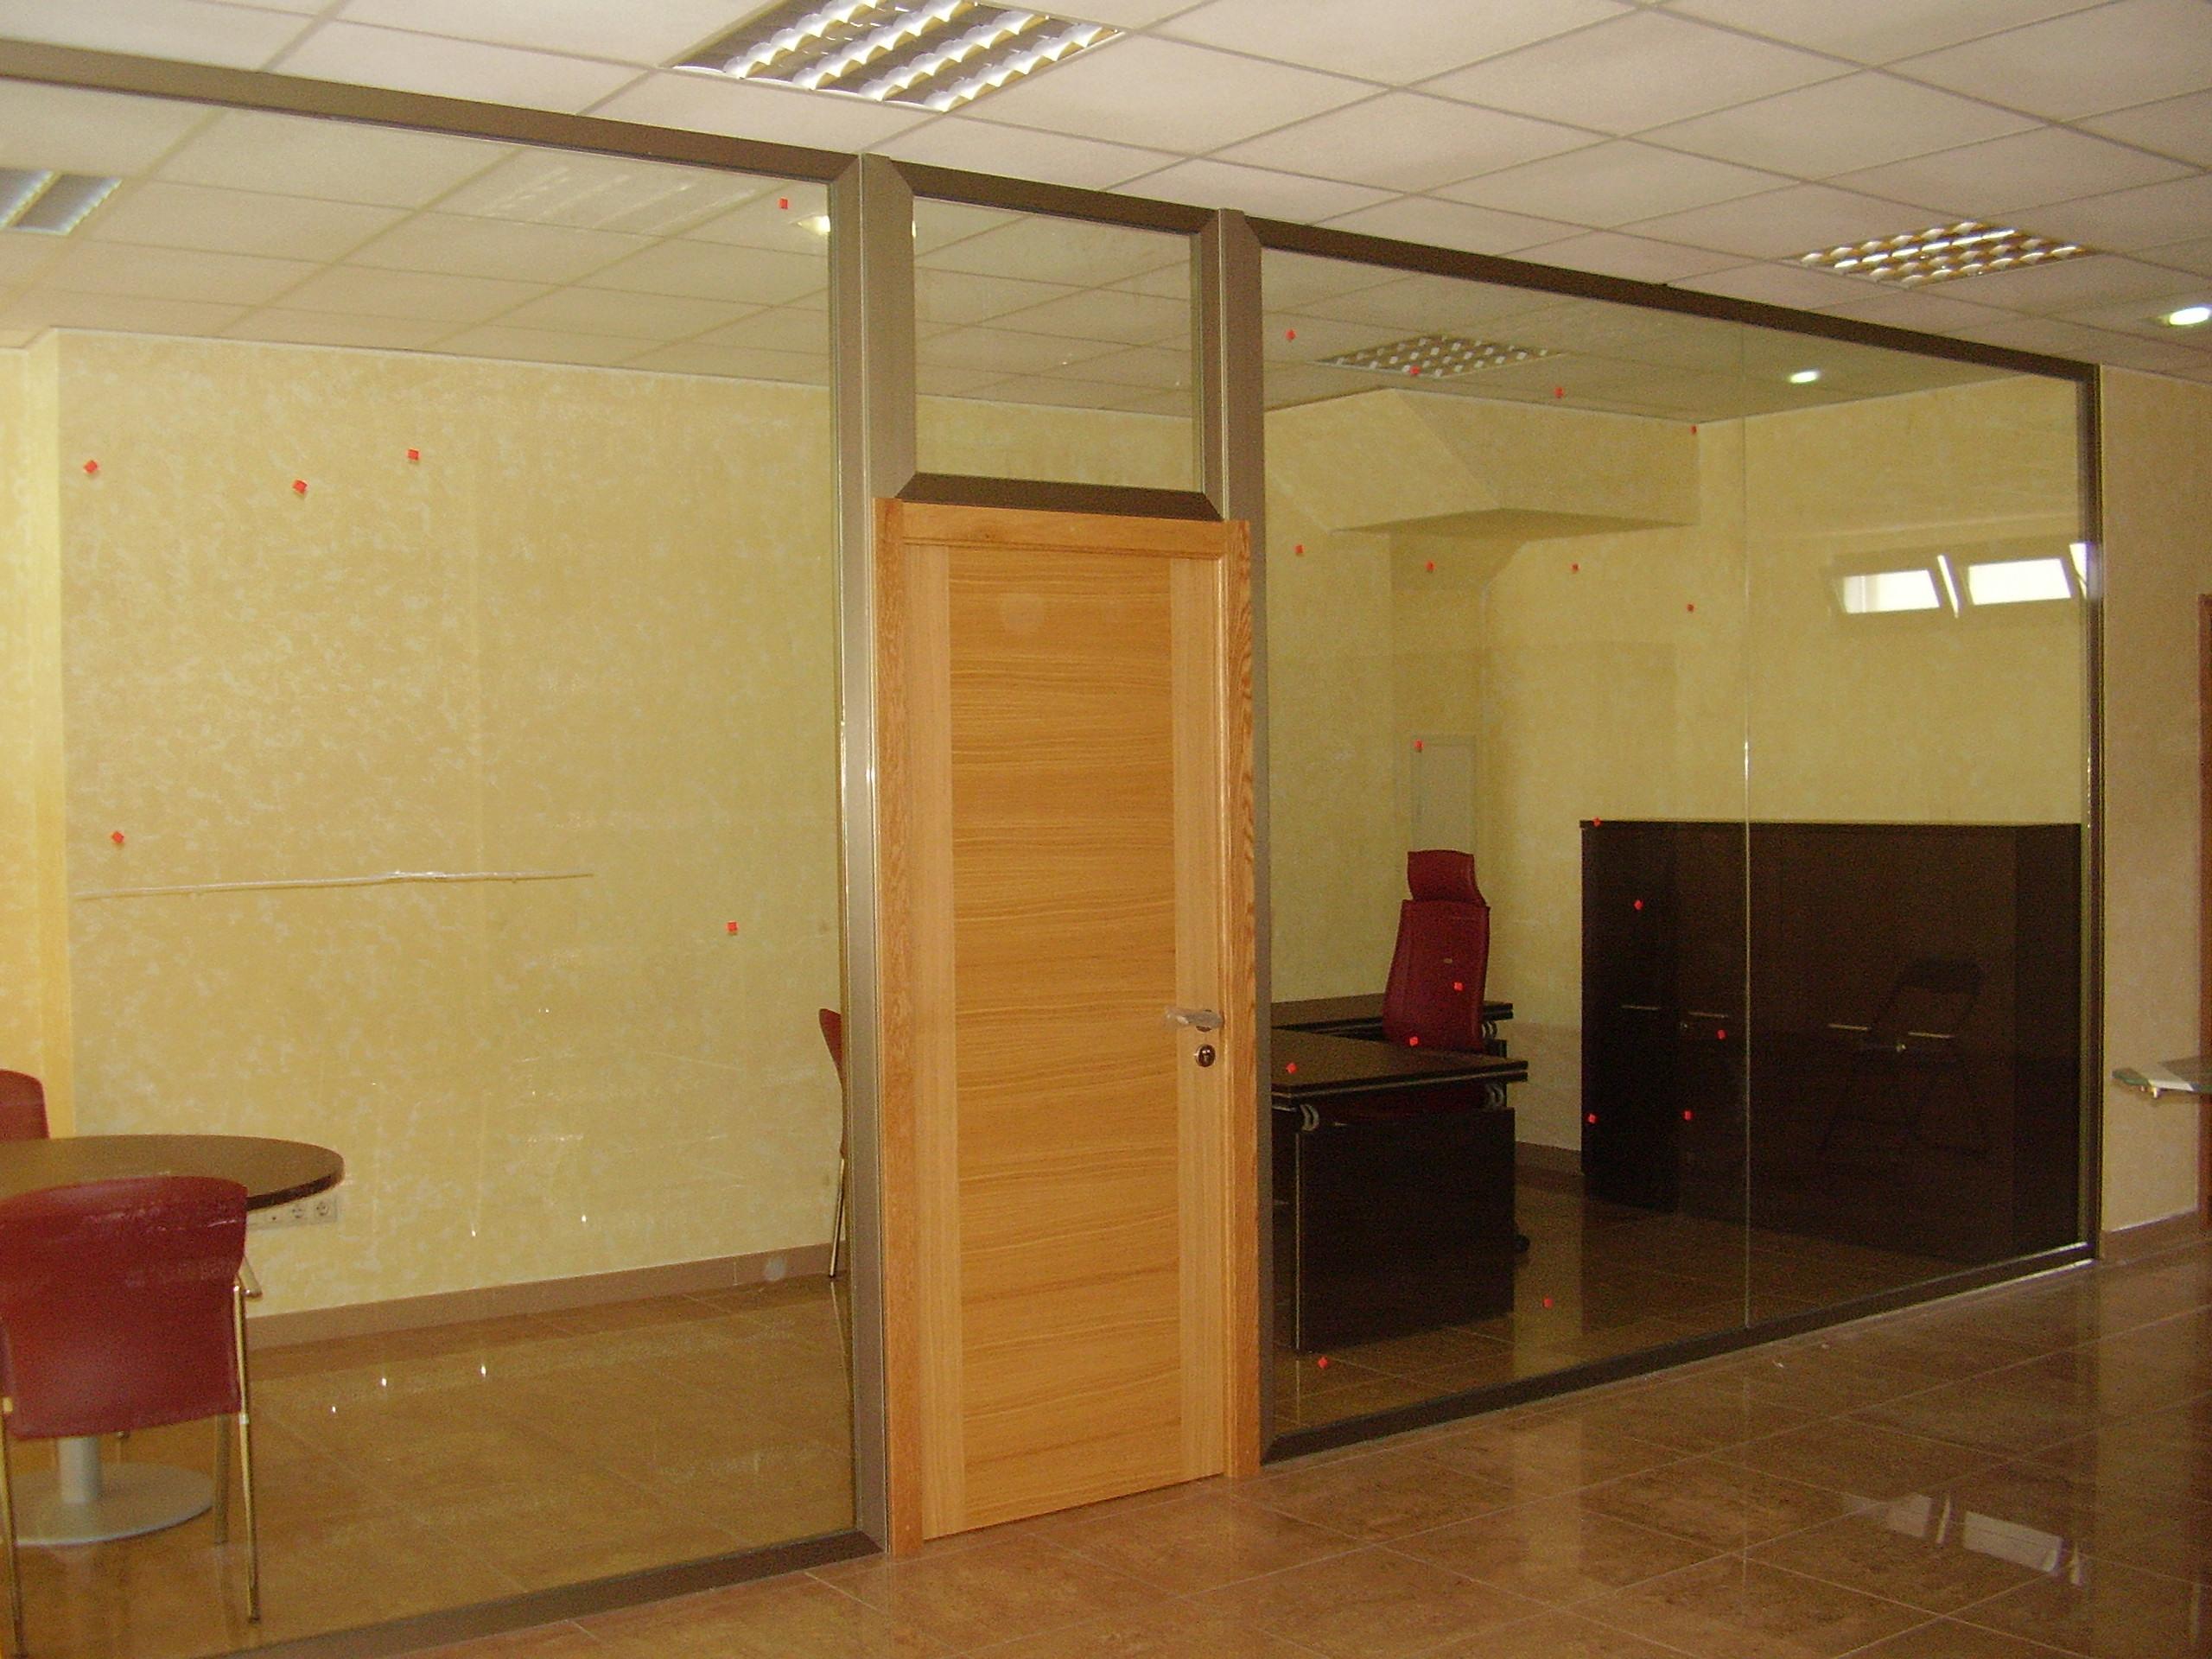 Manpara oficina toda cristal con puerta de madera